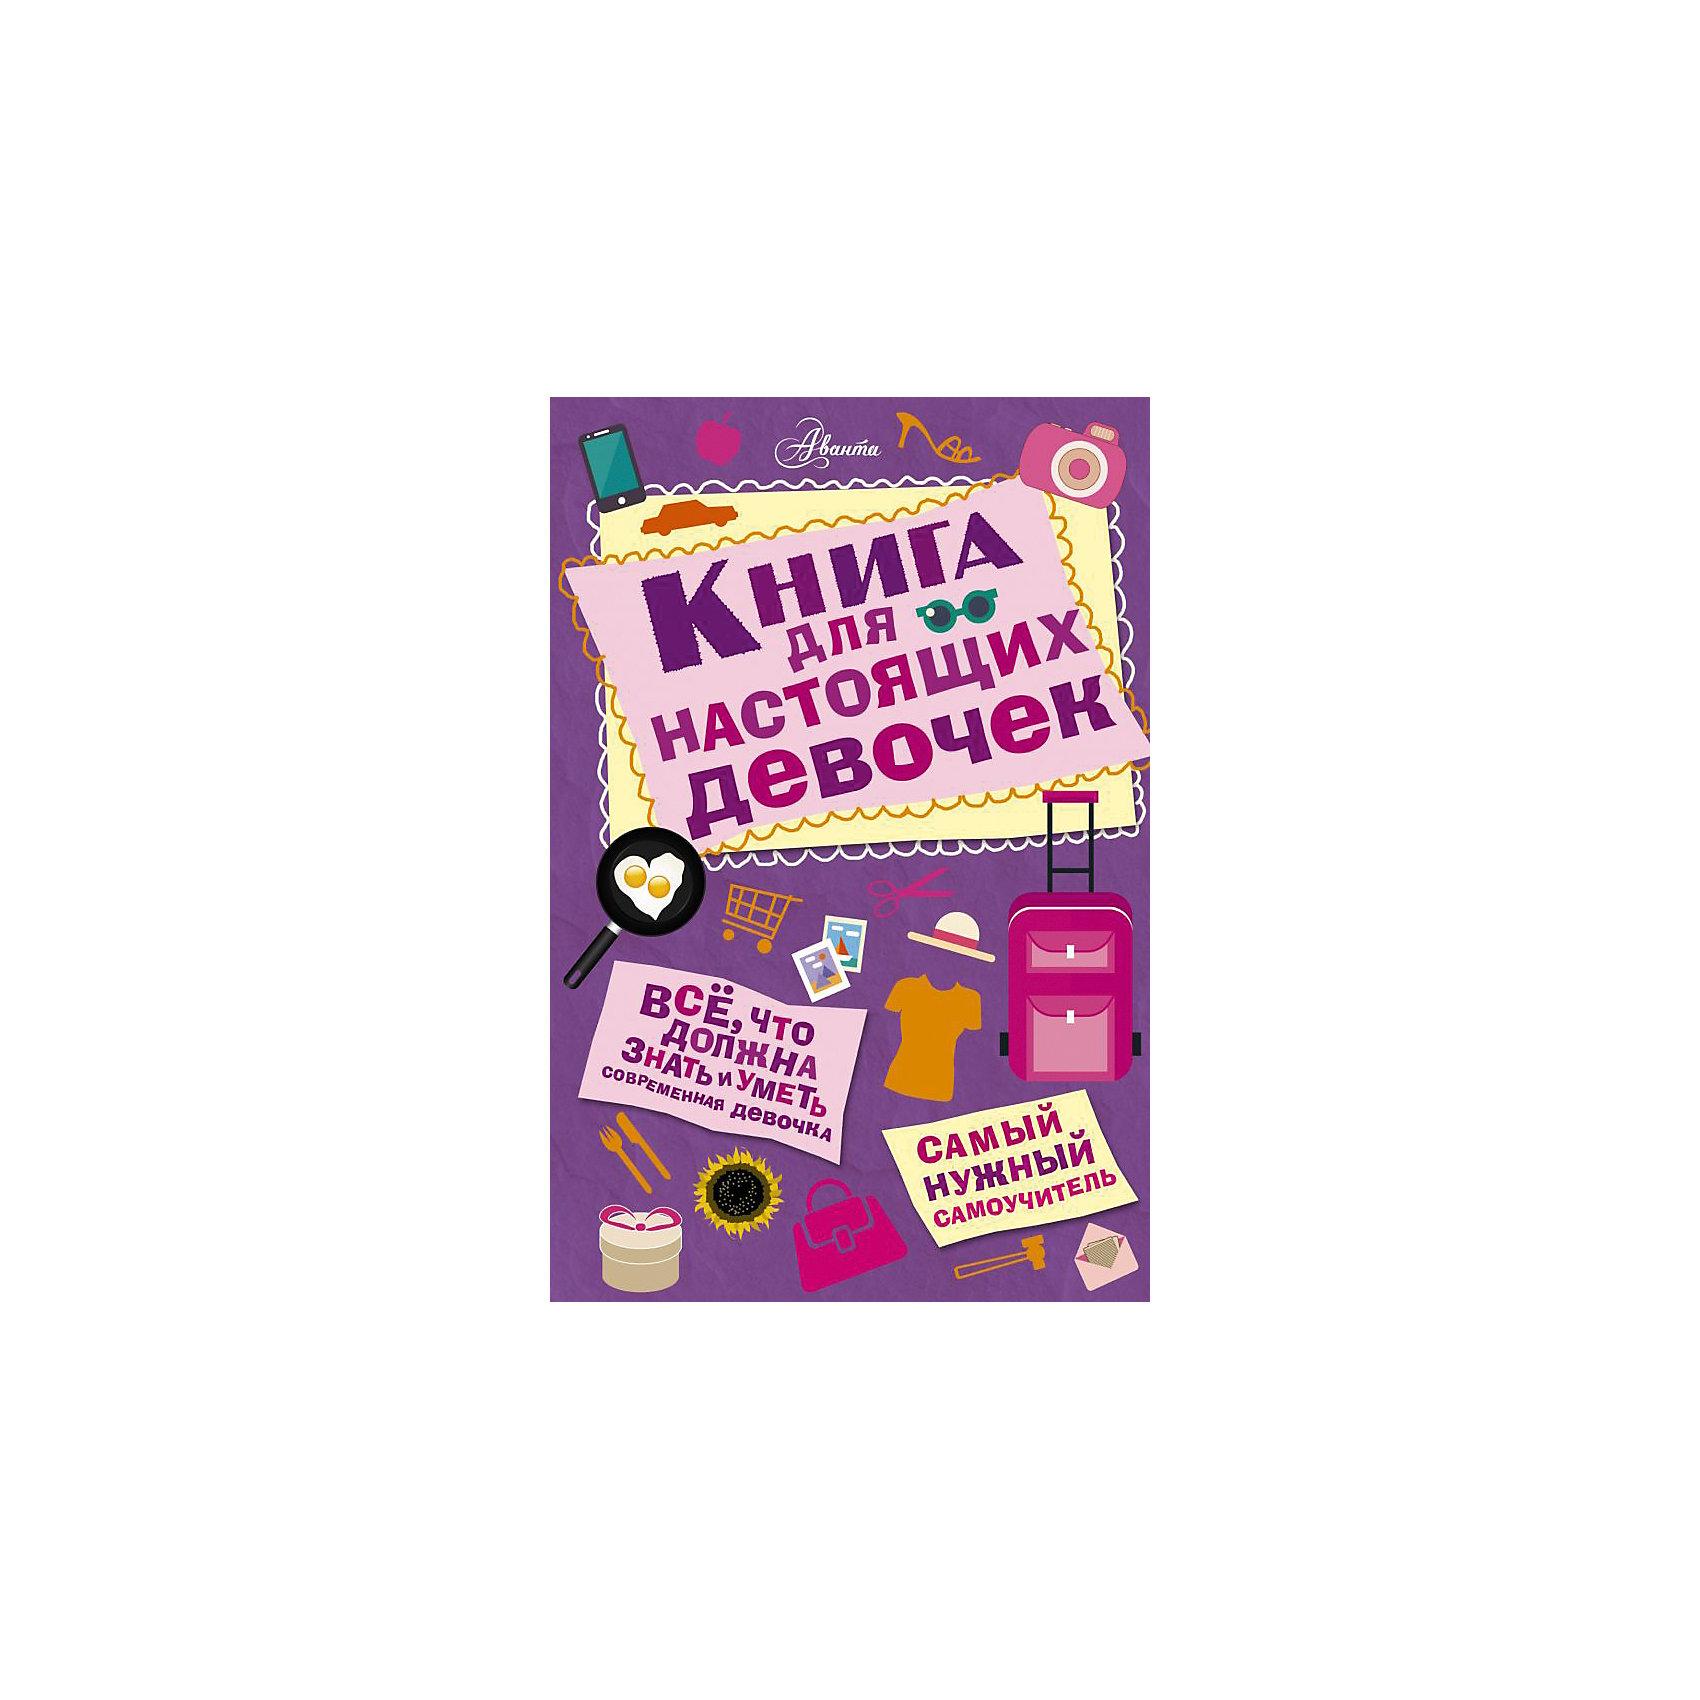 Книга для настоящих девочекКниги для девочек<br>В этой книге ты найдешь надежные и проверенные советы и рекомендации, которые помогут тебе овладеть полезными навыками. Эта книга, без которой не обойтись ни одной девочке, научит тебя многим вещам, например как приготовить превосходные спагетти или как залатать прокол на шине твоего велосипеда. Для детей среднего школьного возраста<br><br>Ширина мм: 212<br>Глубина мм: 138<br>Высота мм: 160<br>Вес г: 205<br>Возраст от месяцев: 84<br>Возраст до месяцев: 2147483647<br>Пол: Женский<br>Возраст: Детский<br>SKU: 6848300